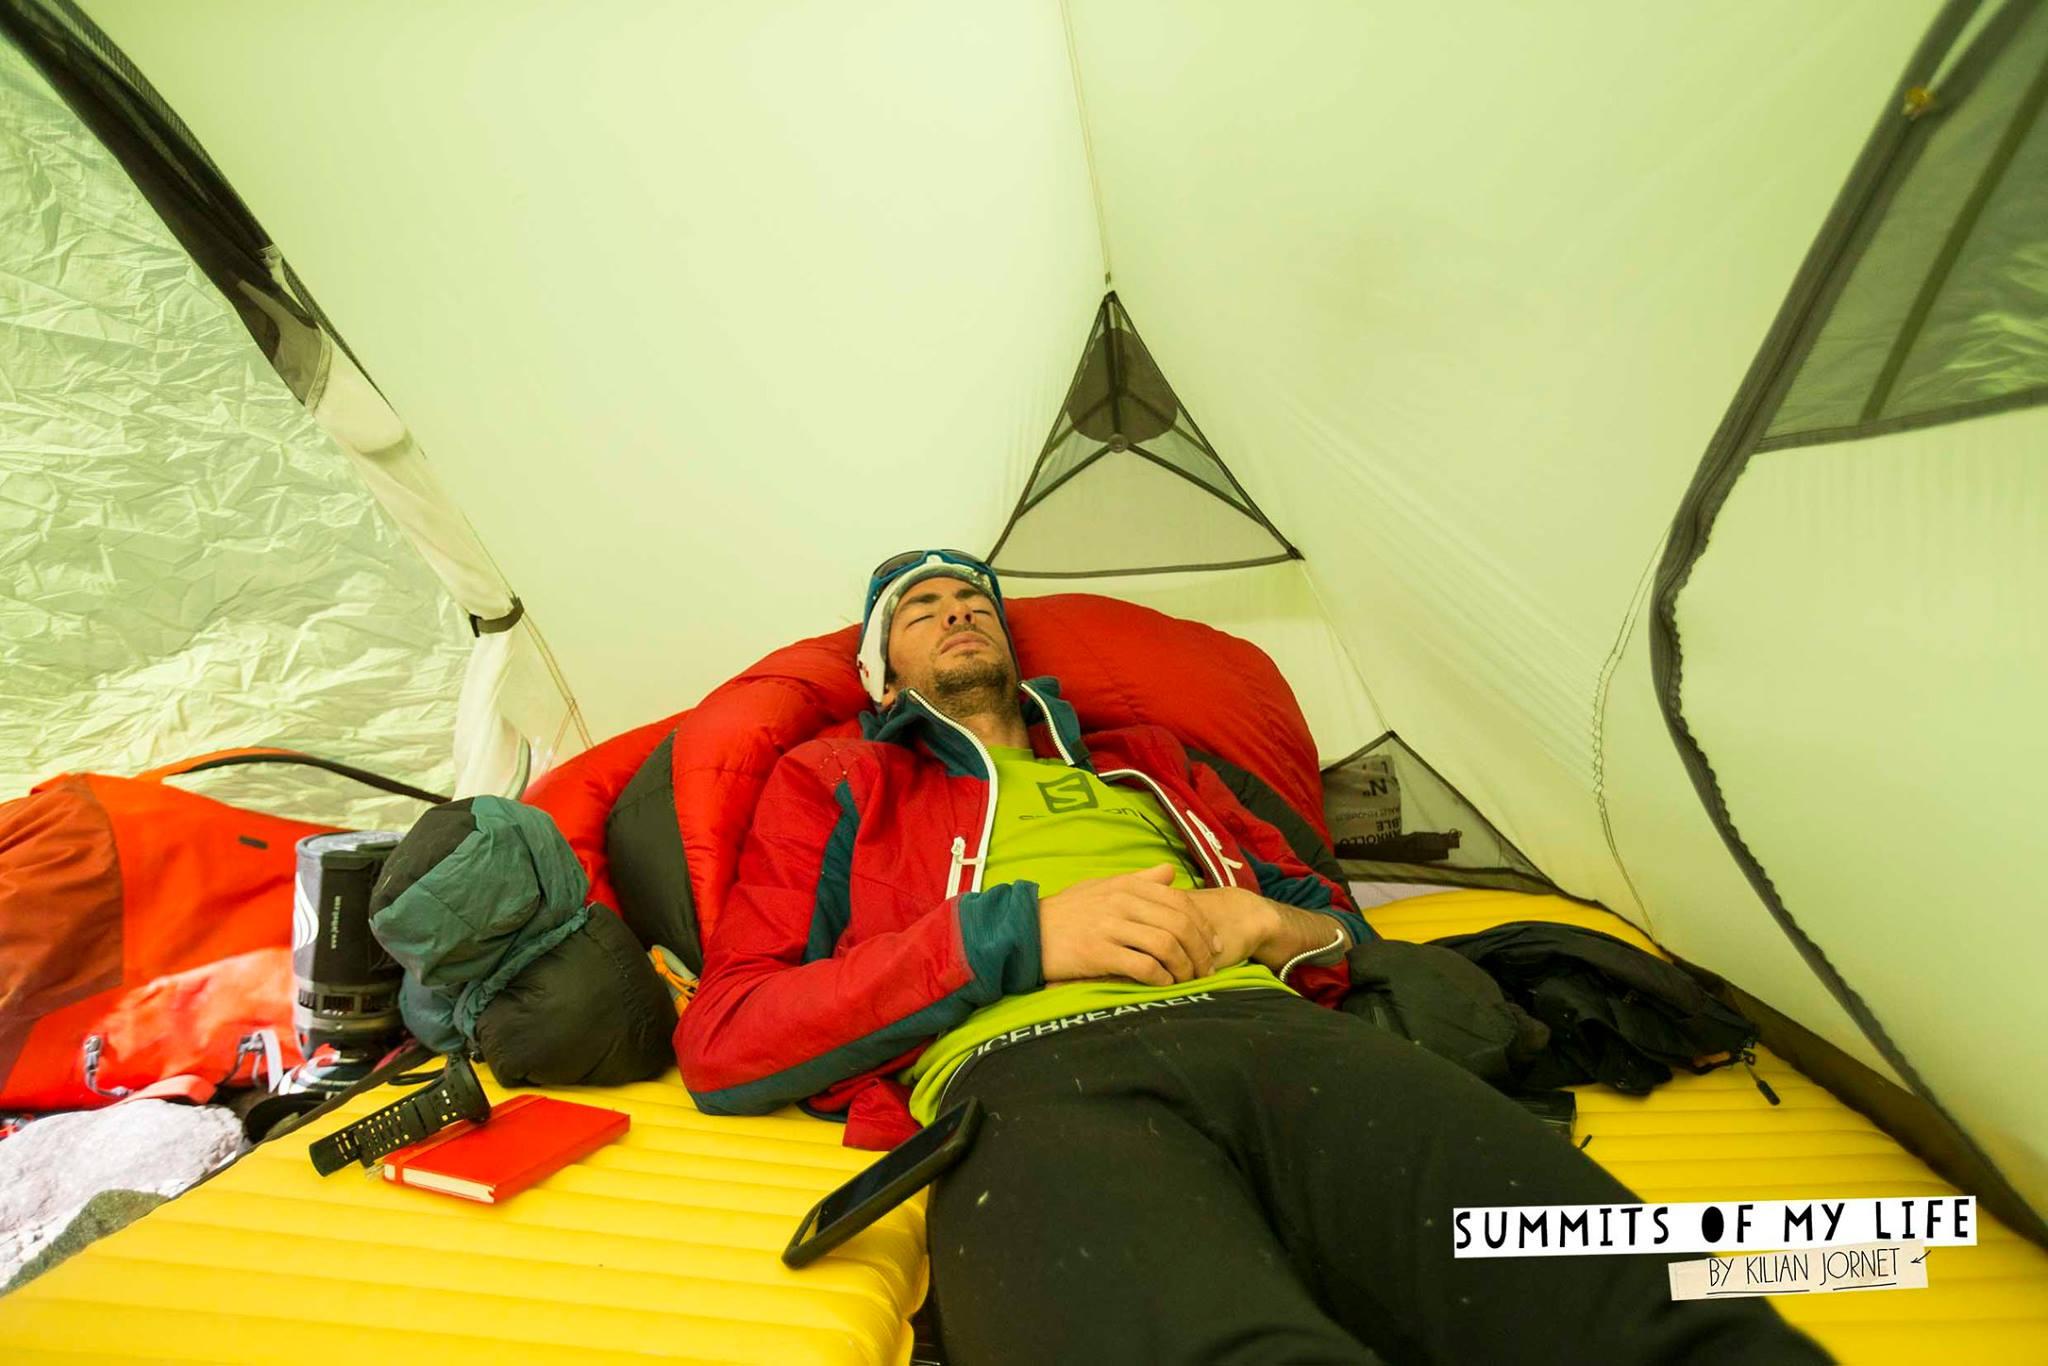 Pulzusmérés és pihenés a sátorban Forrás: summitsofmylife.com